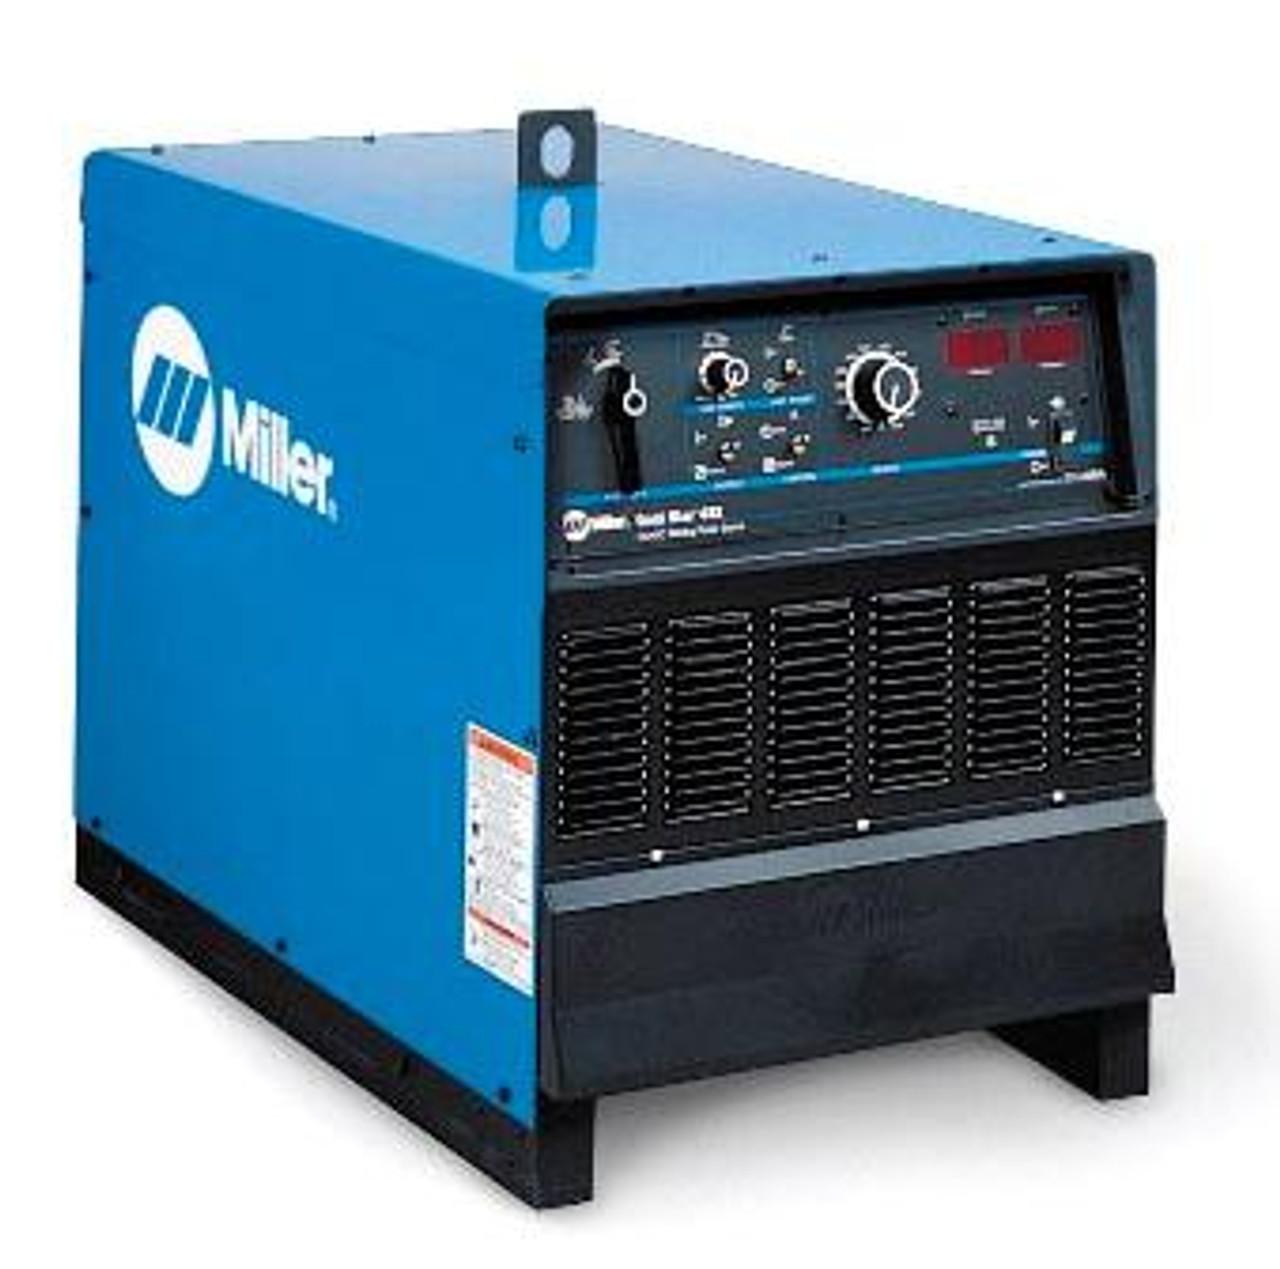 Miller DC Rectifier GoldStar 602 Electric Welding Machine